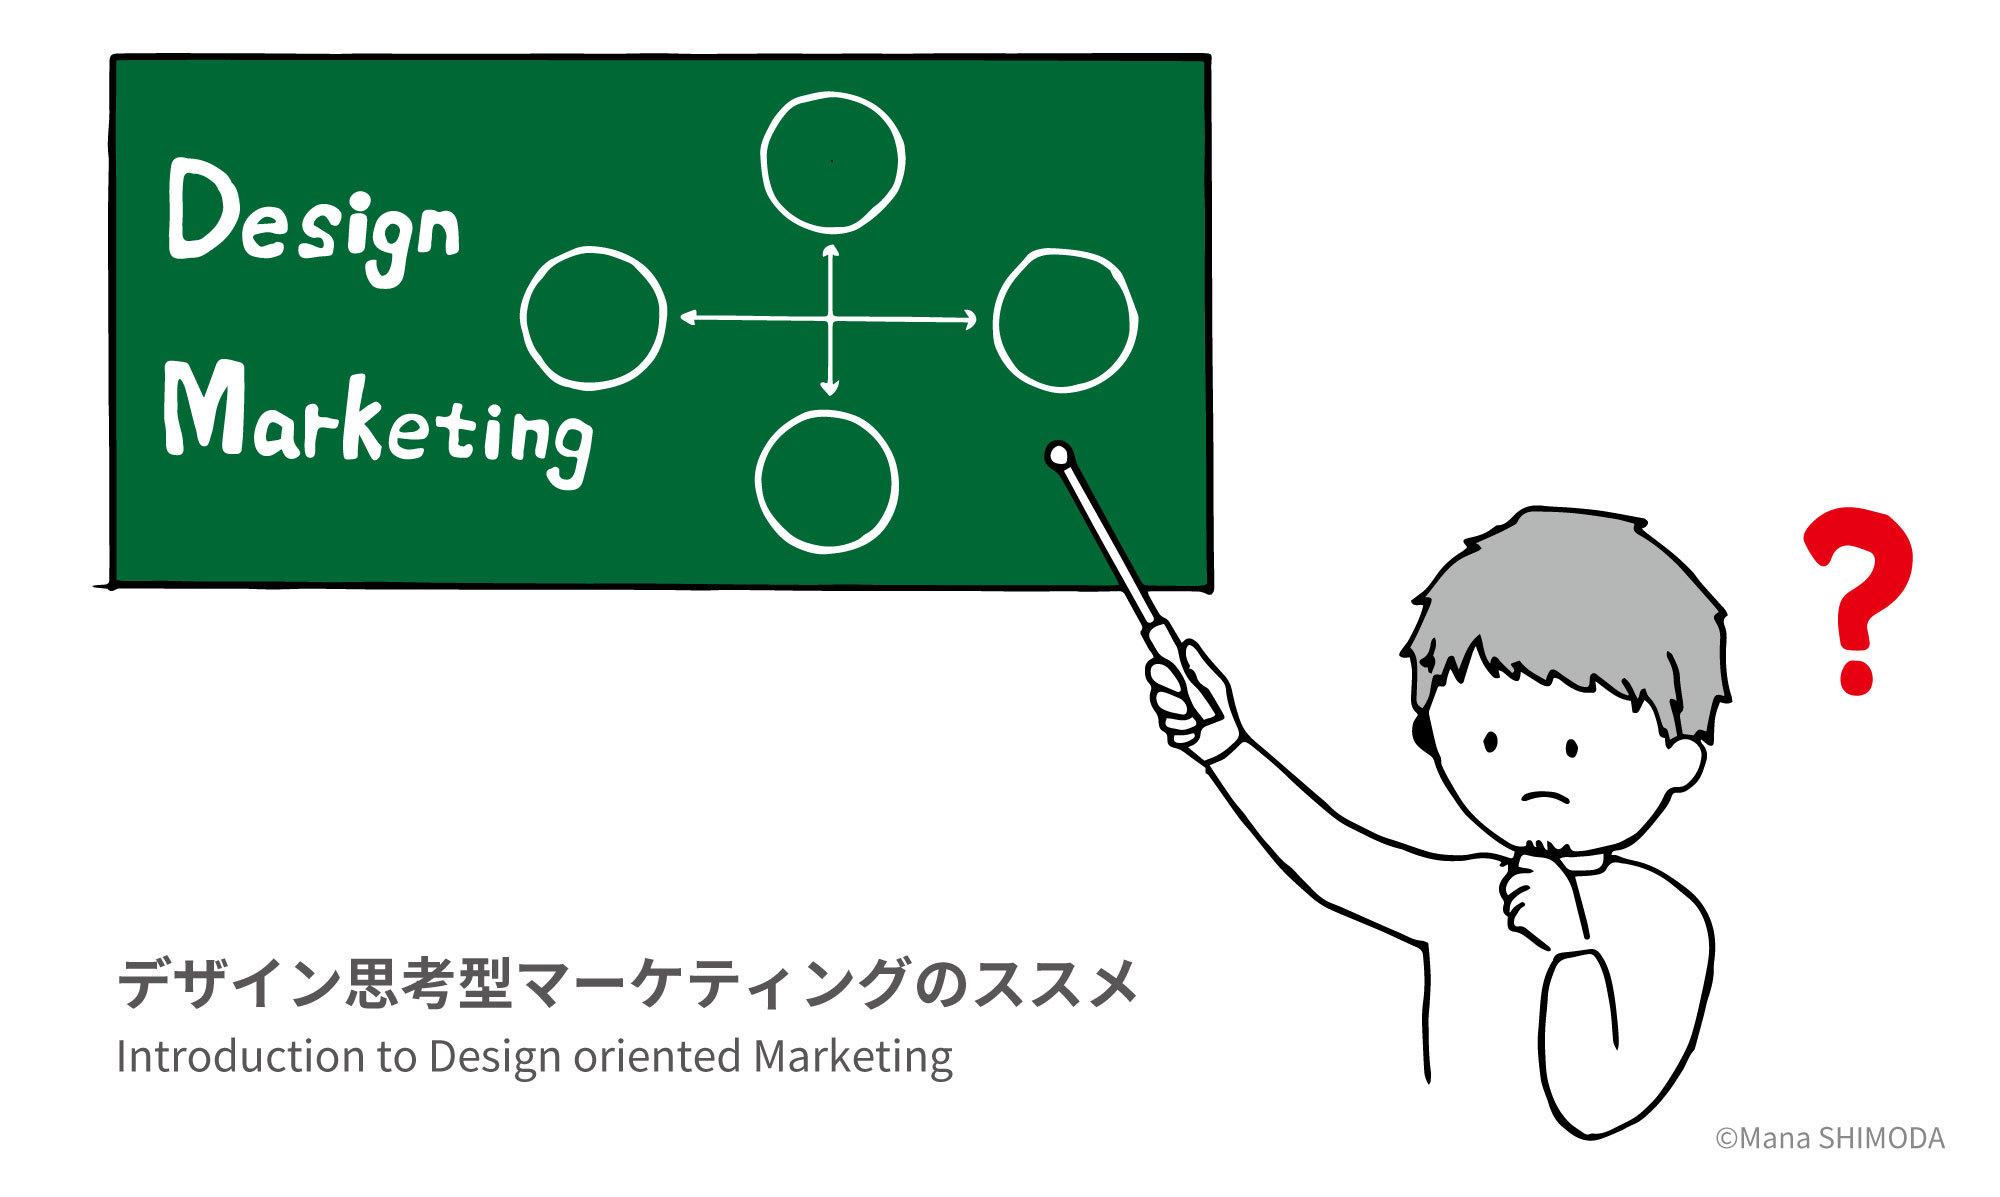 デザイン思考型マーケティングのススメ